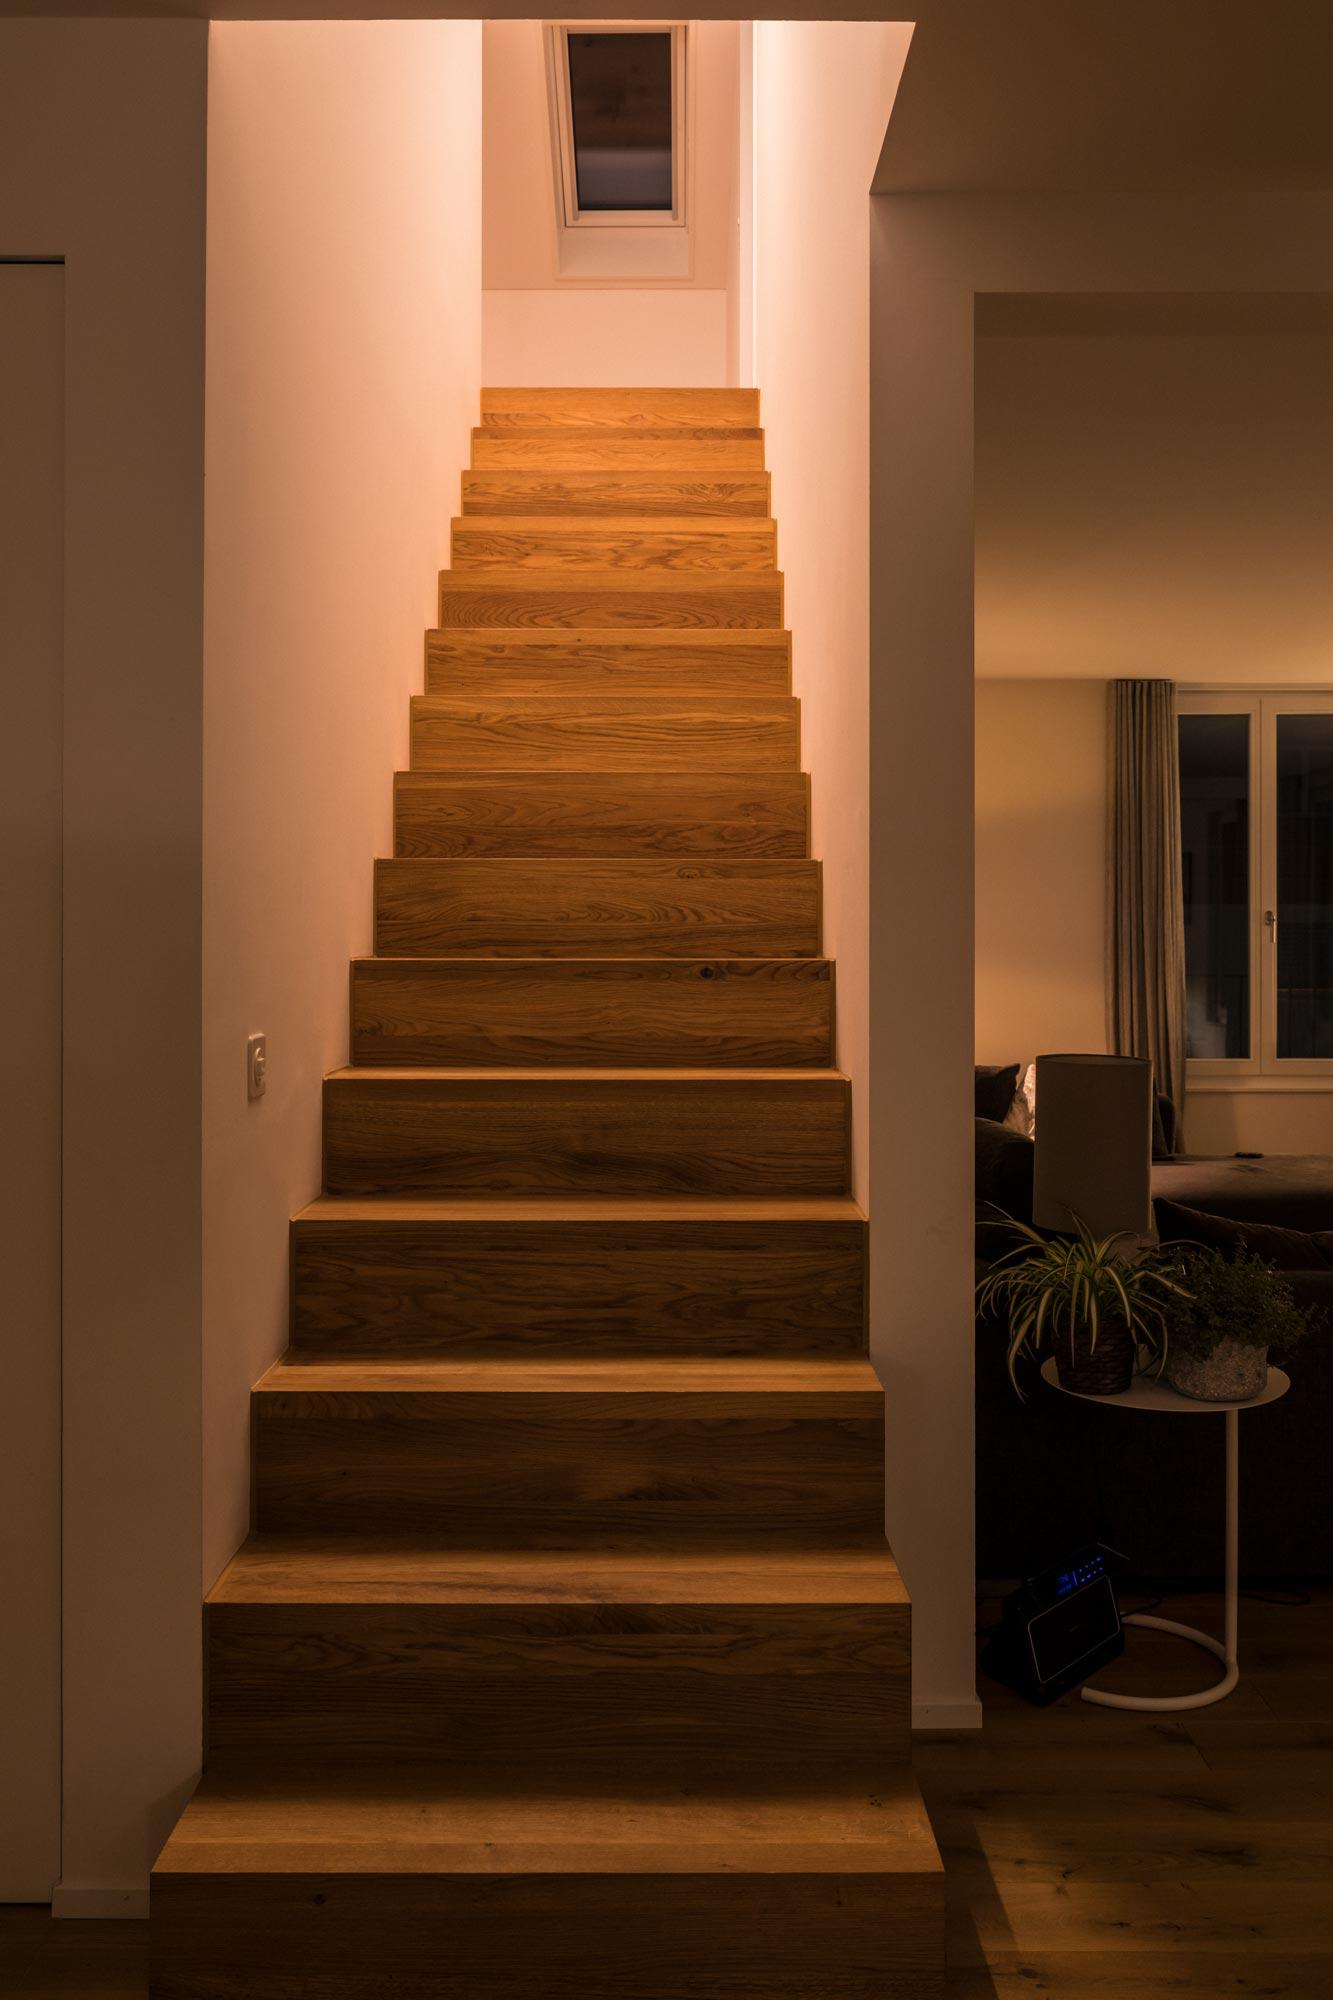 Licht Treppe.jpg